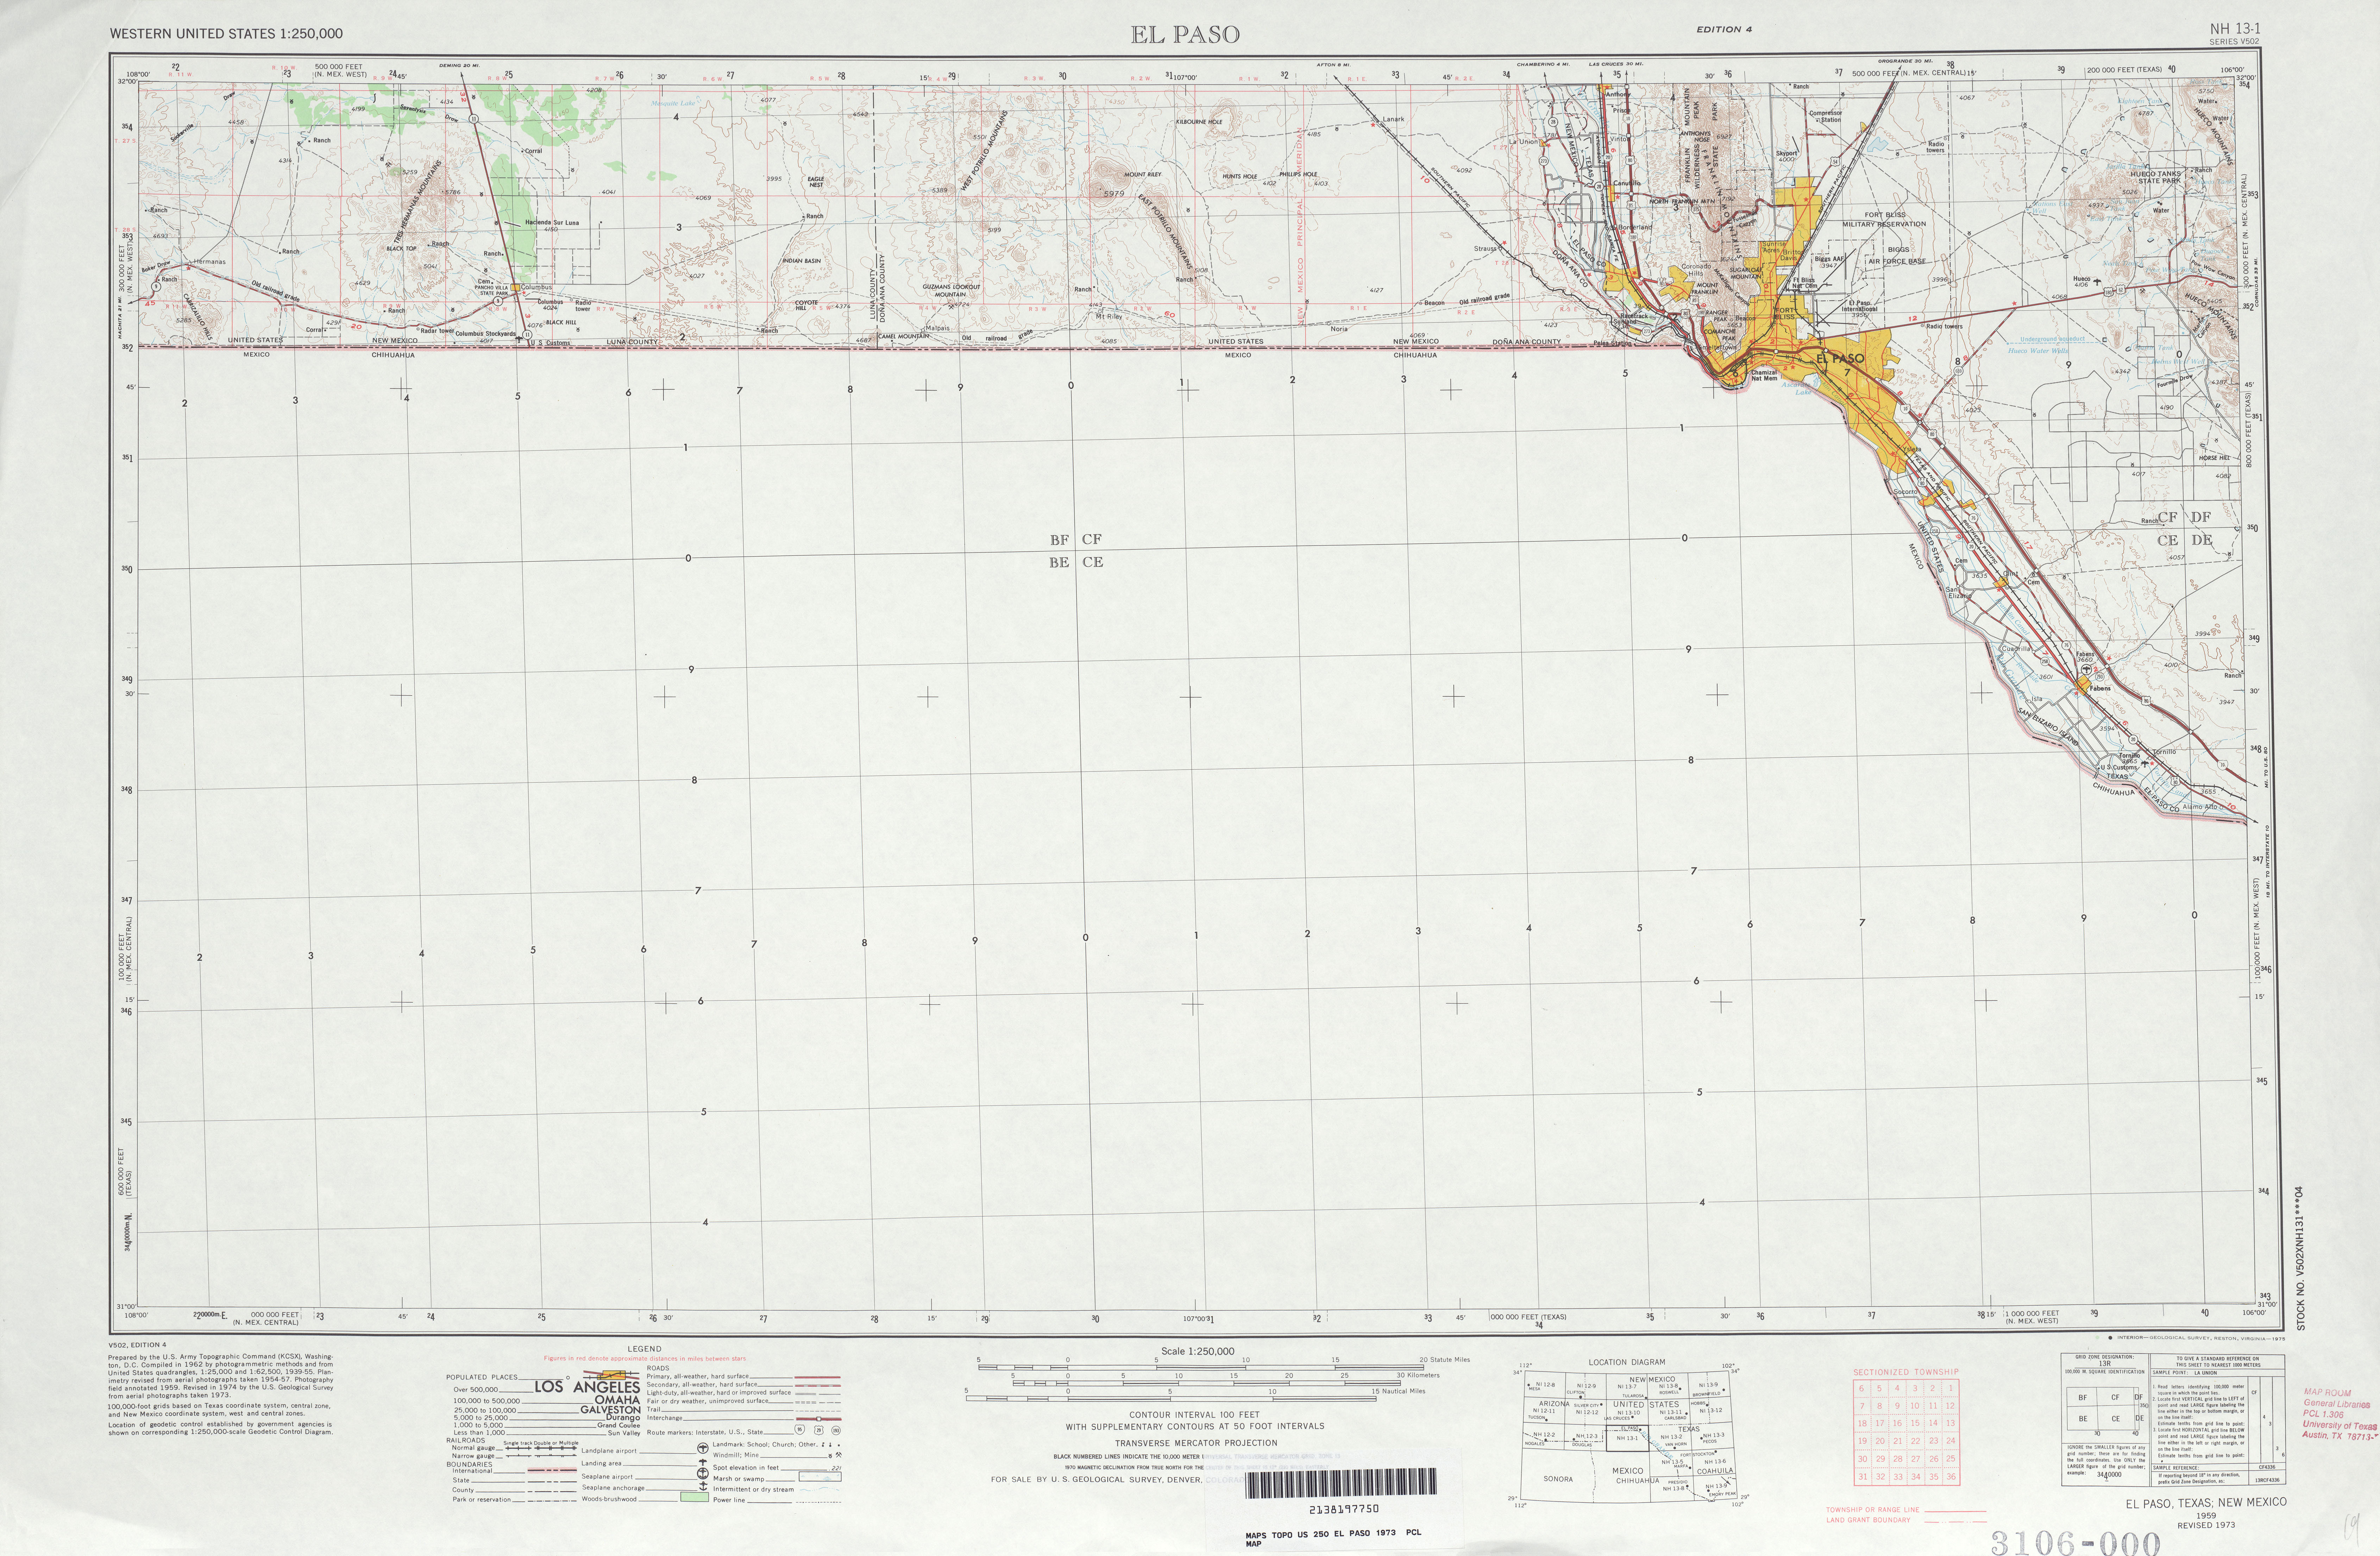 Hoja El Paso del Mapa Topográfico de los Estados Unidos 1973